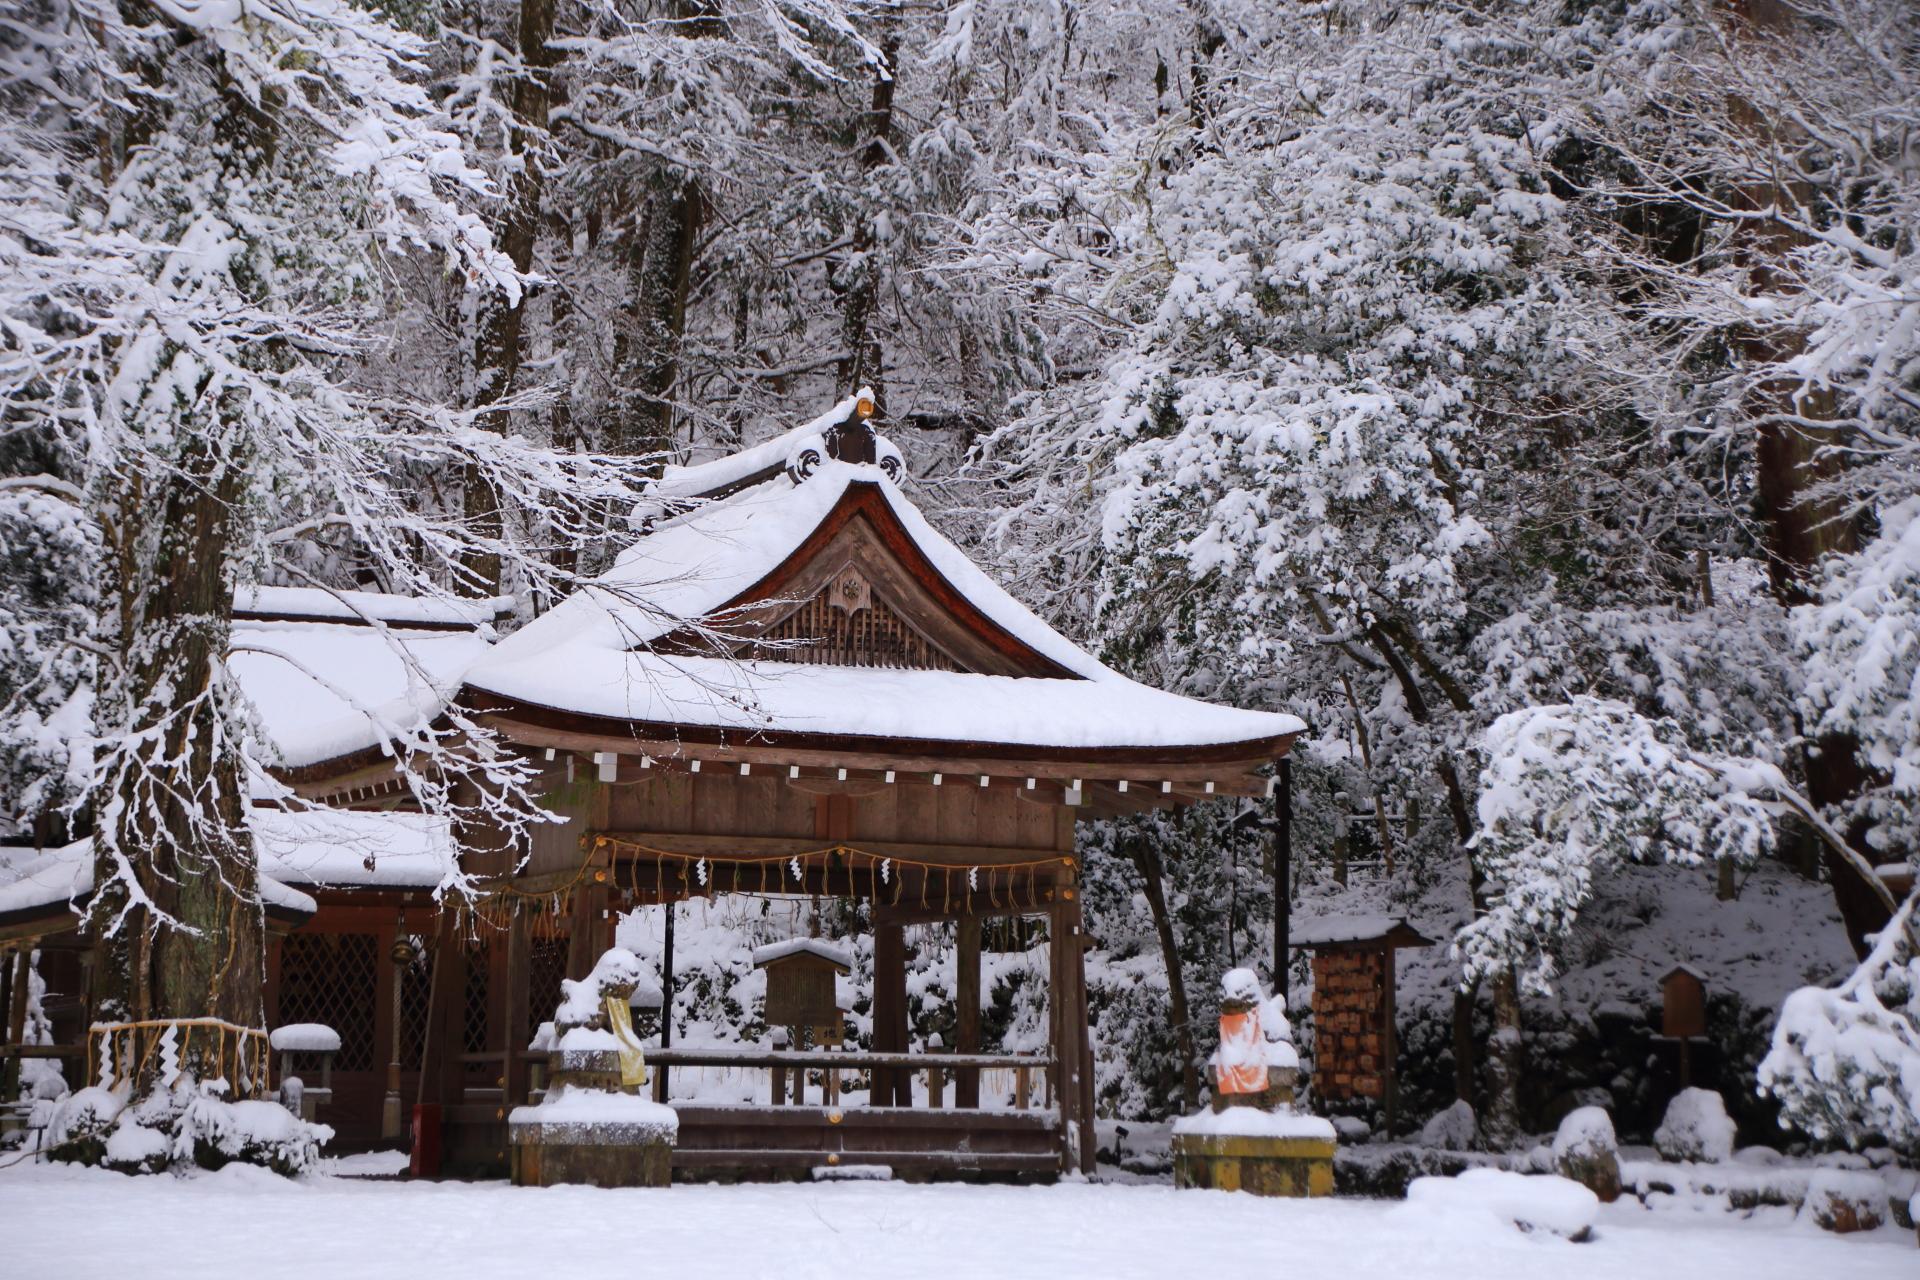 木の種類も多く雪の花も多彩な貴船神社の奥宮